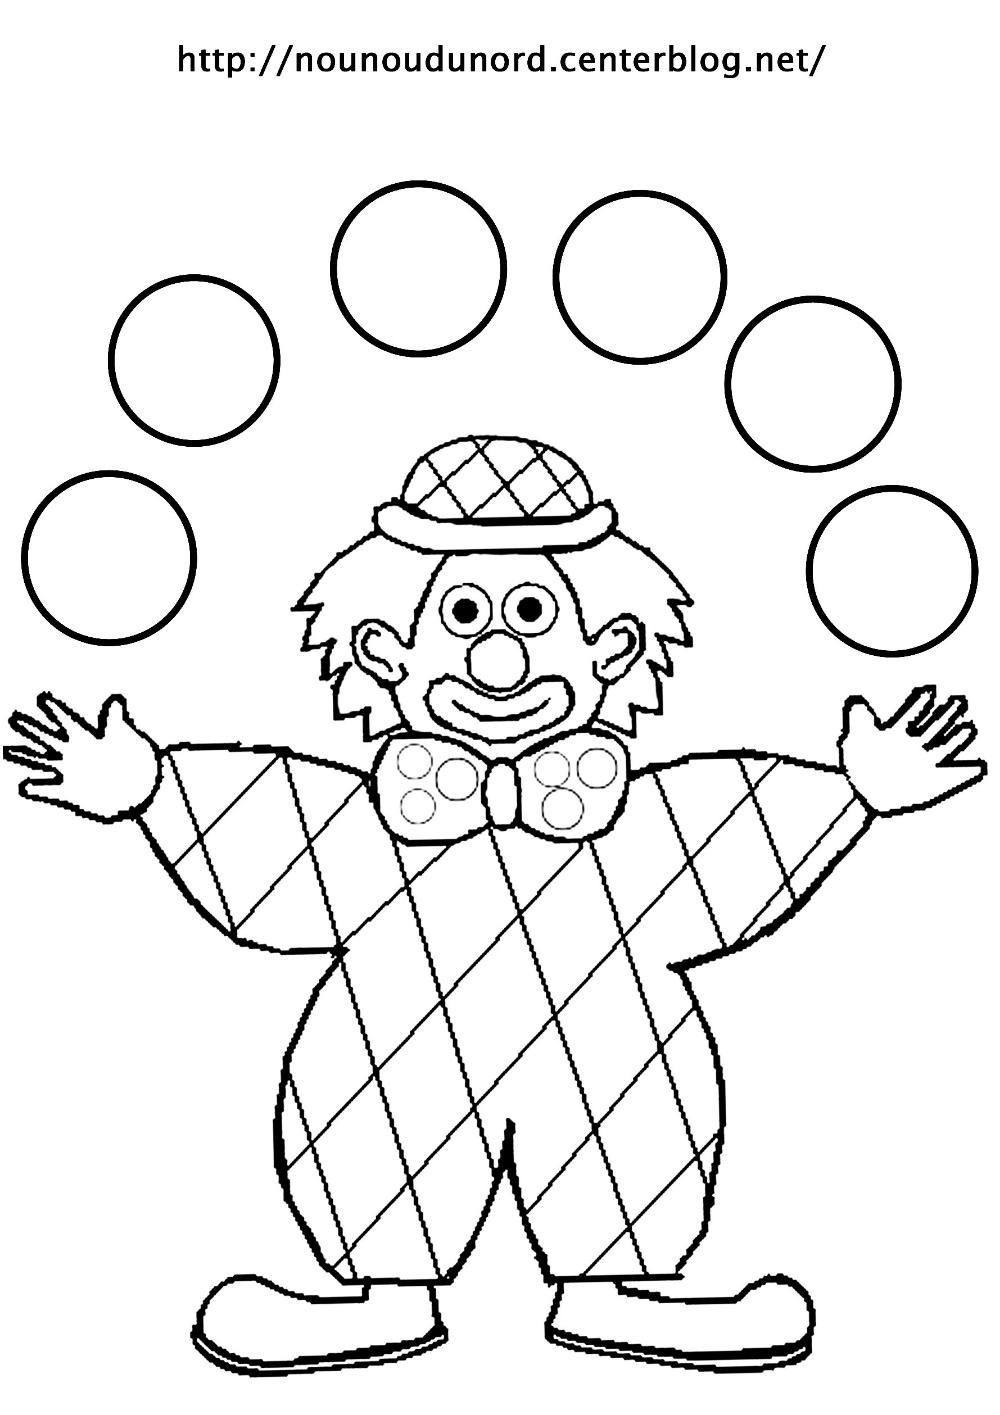 Clown #16 (Personnages) – Coloriages À Imprimer À Coloriage à Coloriage Tete De Clown